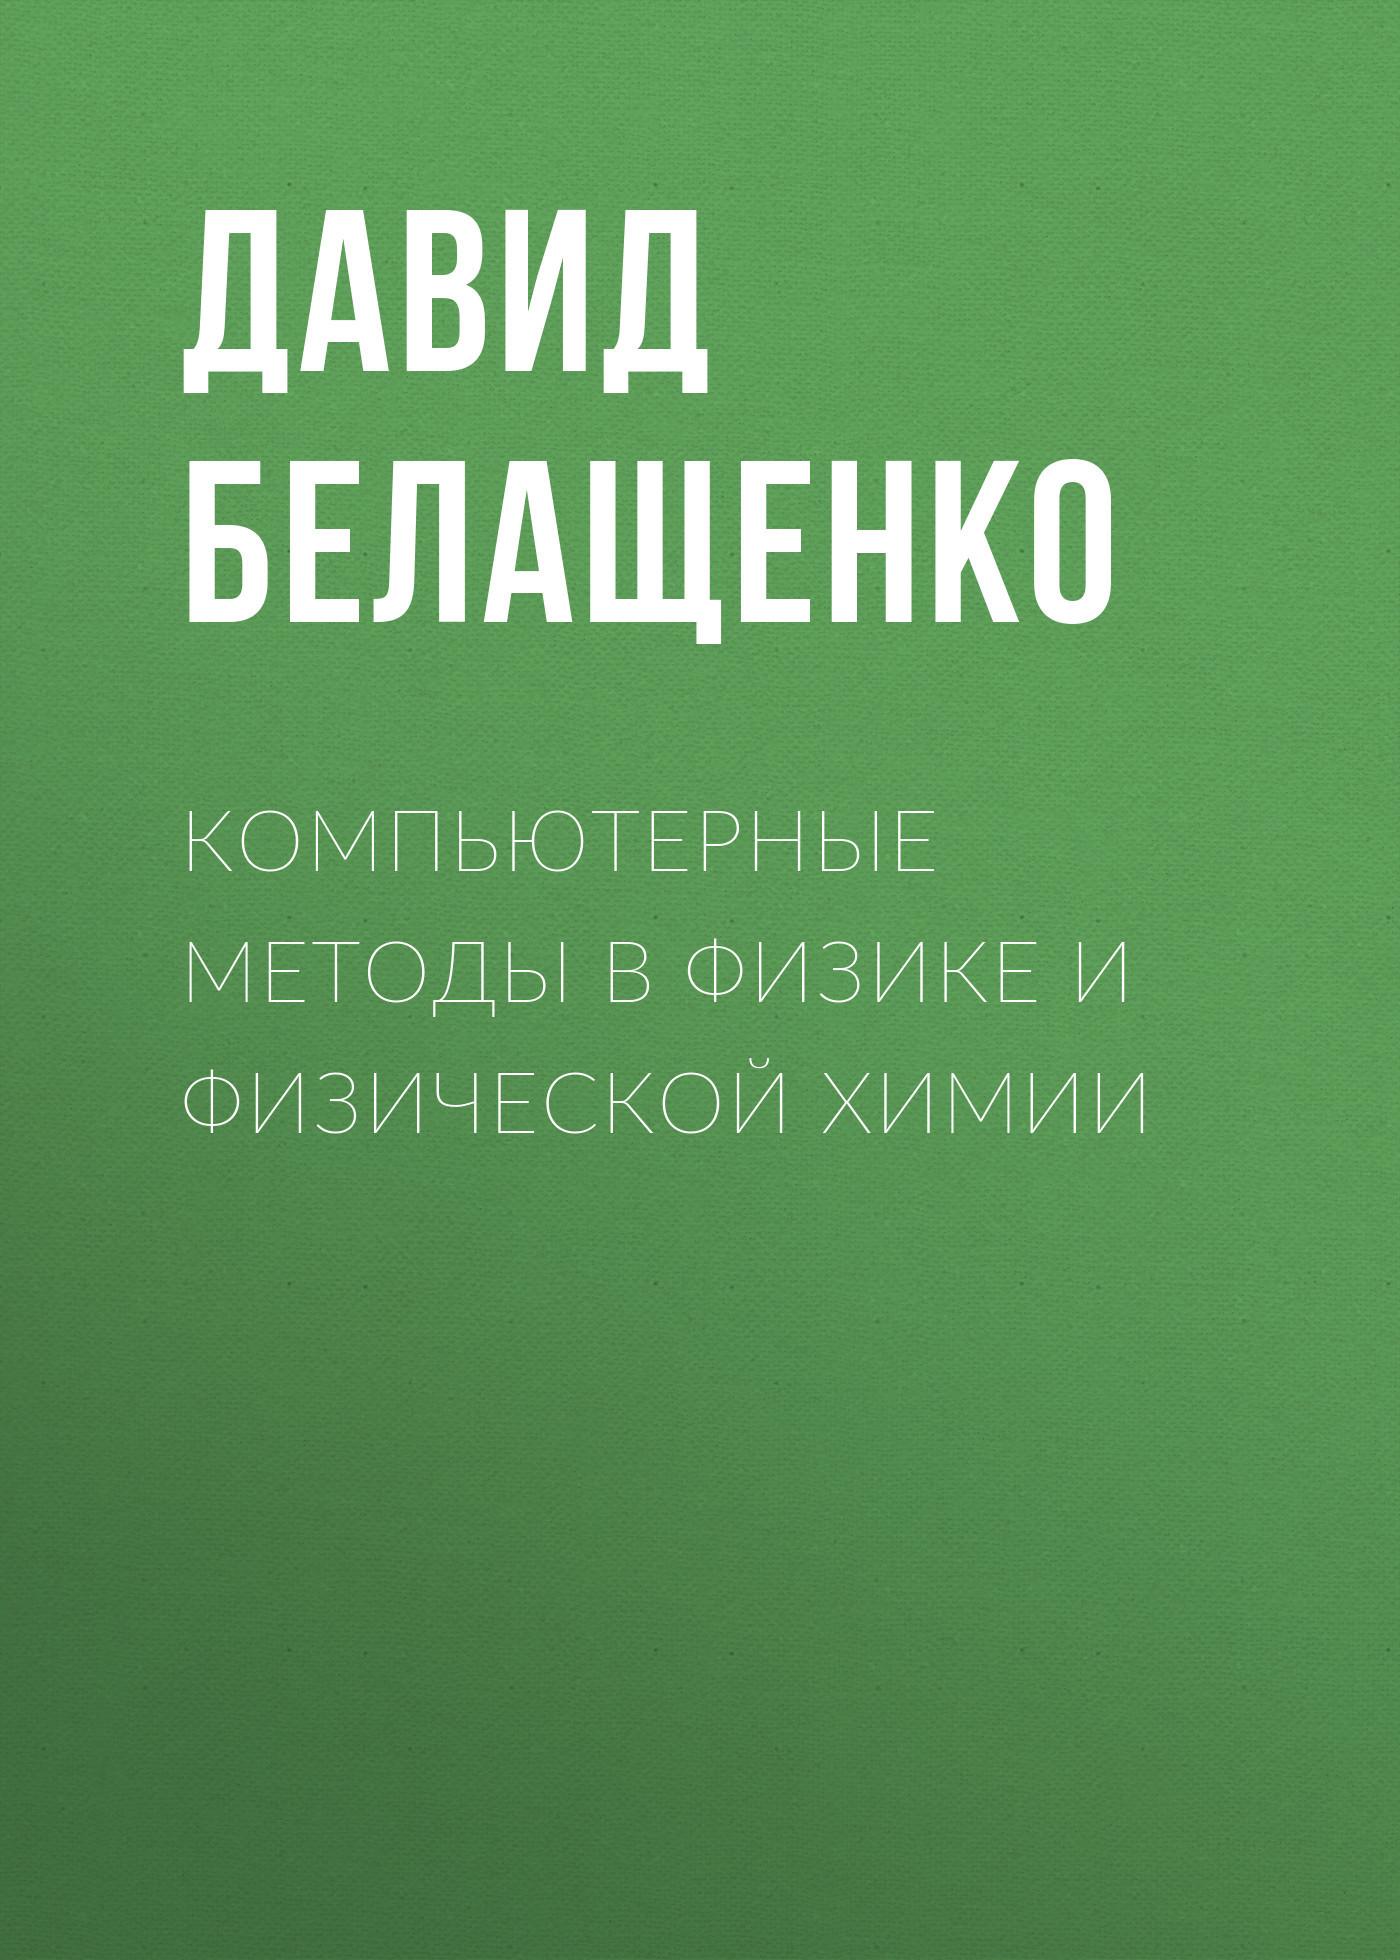 Давид Белащенко Компьютерные методы в физике и физической химии компьютерные аксессуары oem 5pcs ipad wifi 3g gps